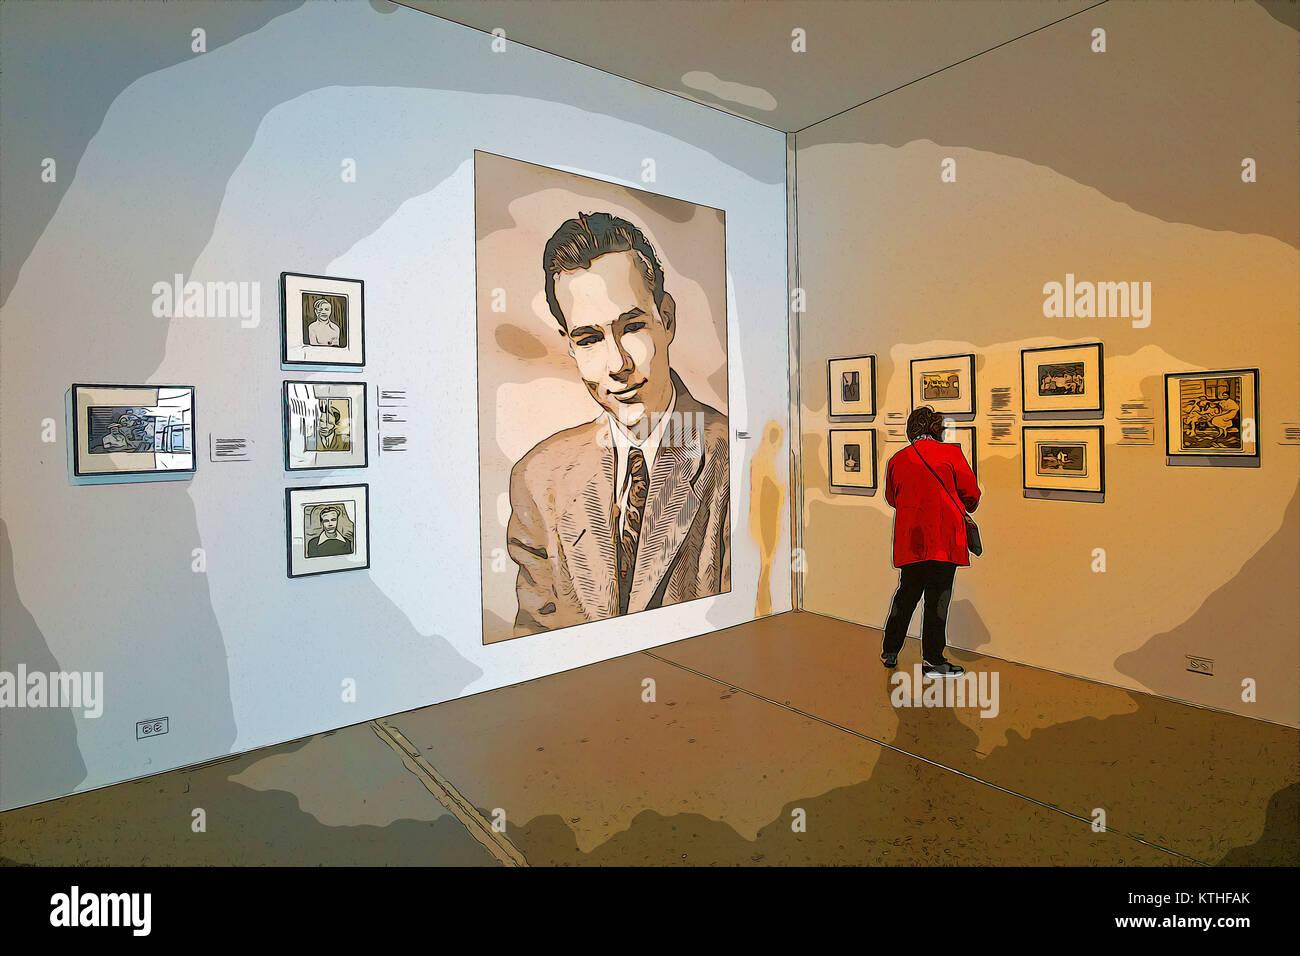 Photoshop Behandlung Von Einem Zuschauer Bei Warhol Familie Fotos An